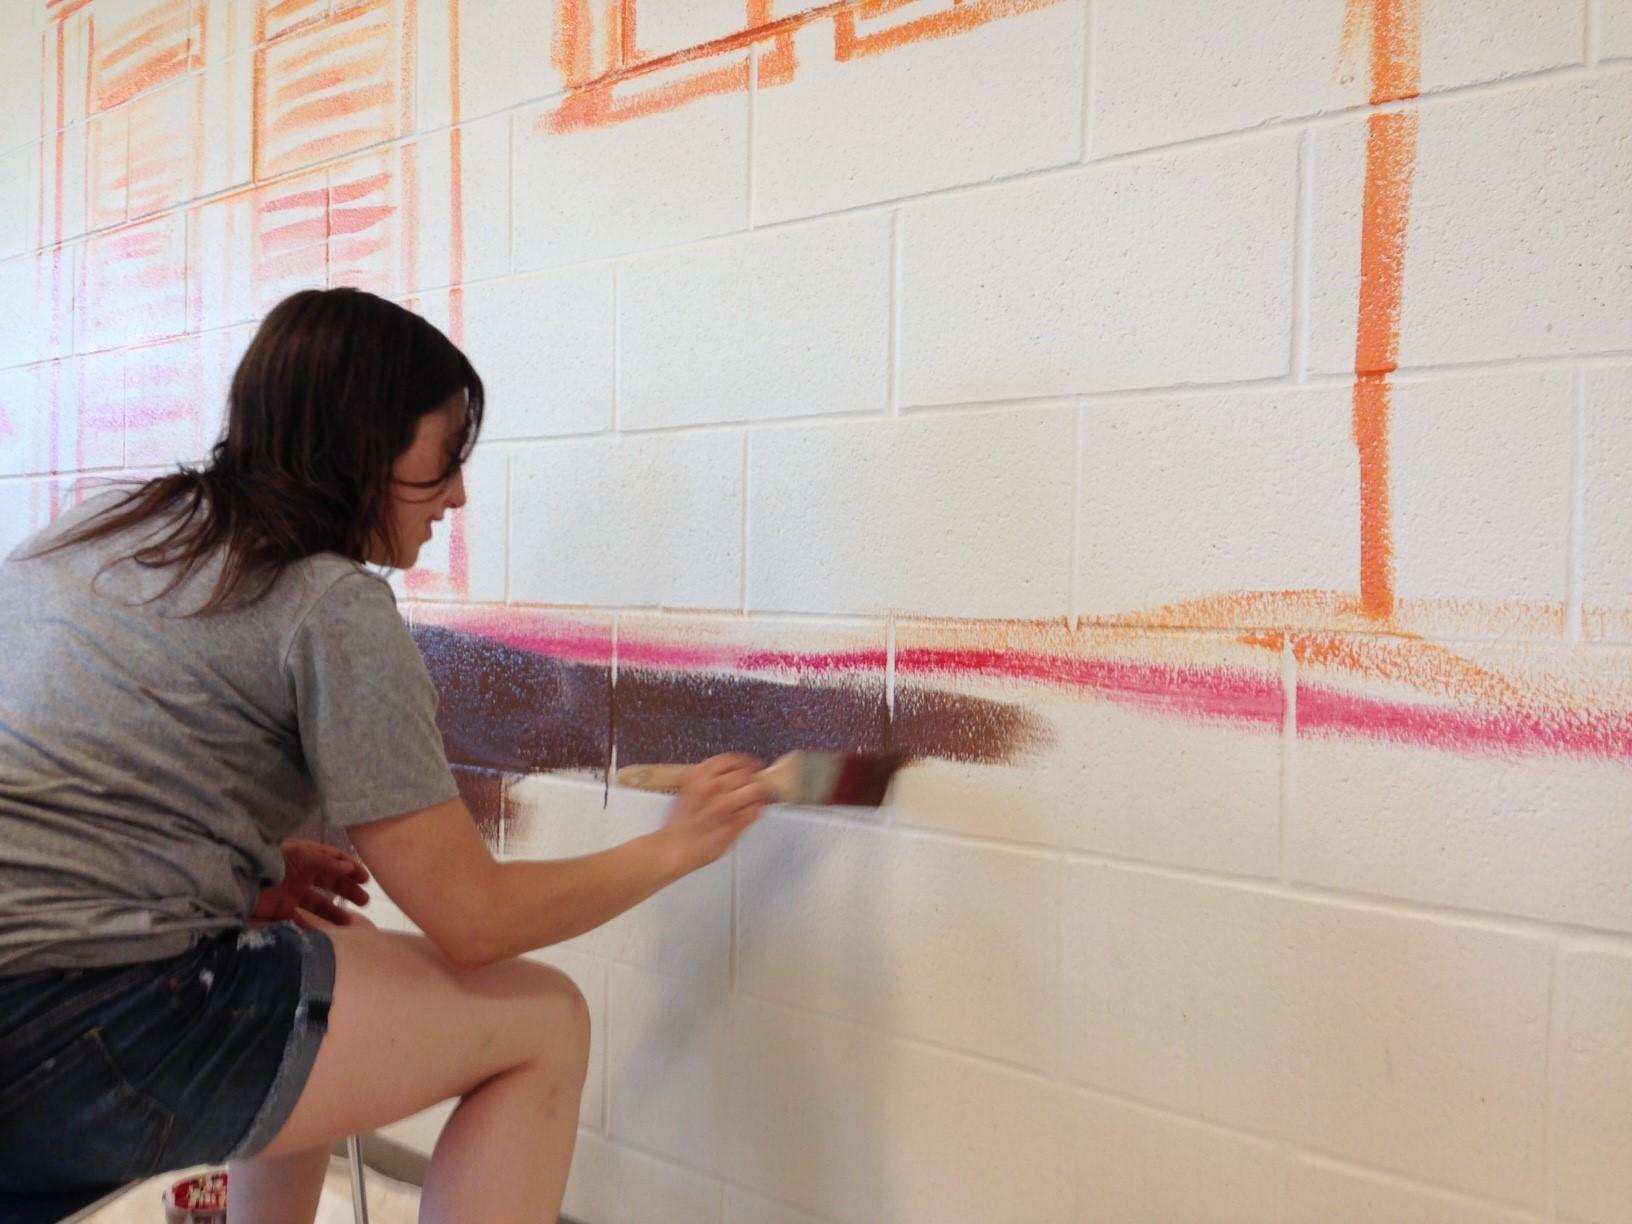 mural painter first day.jpg